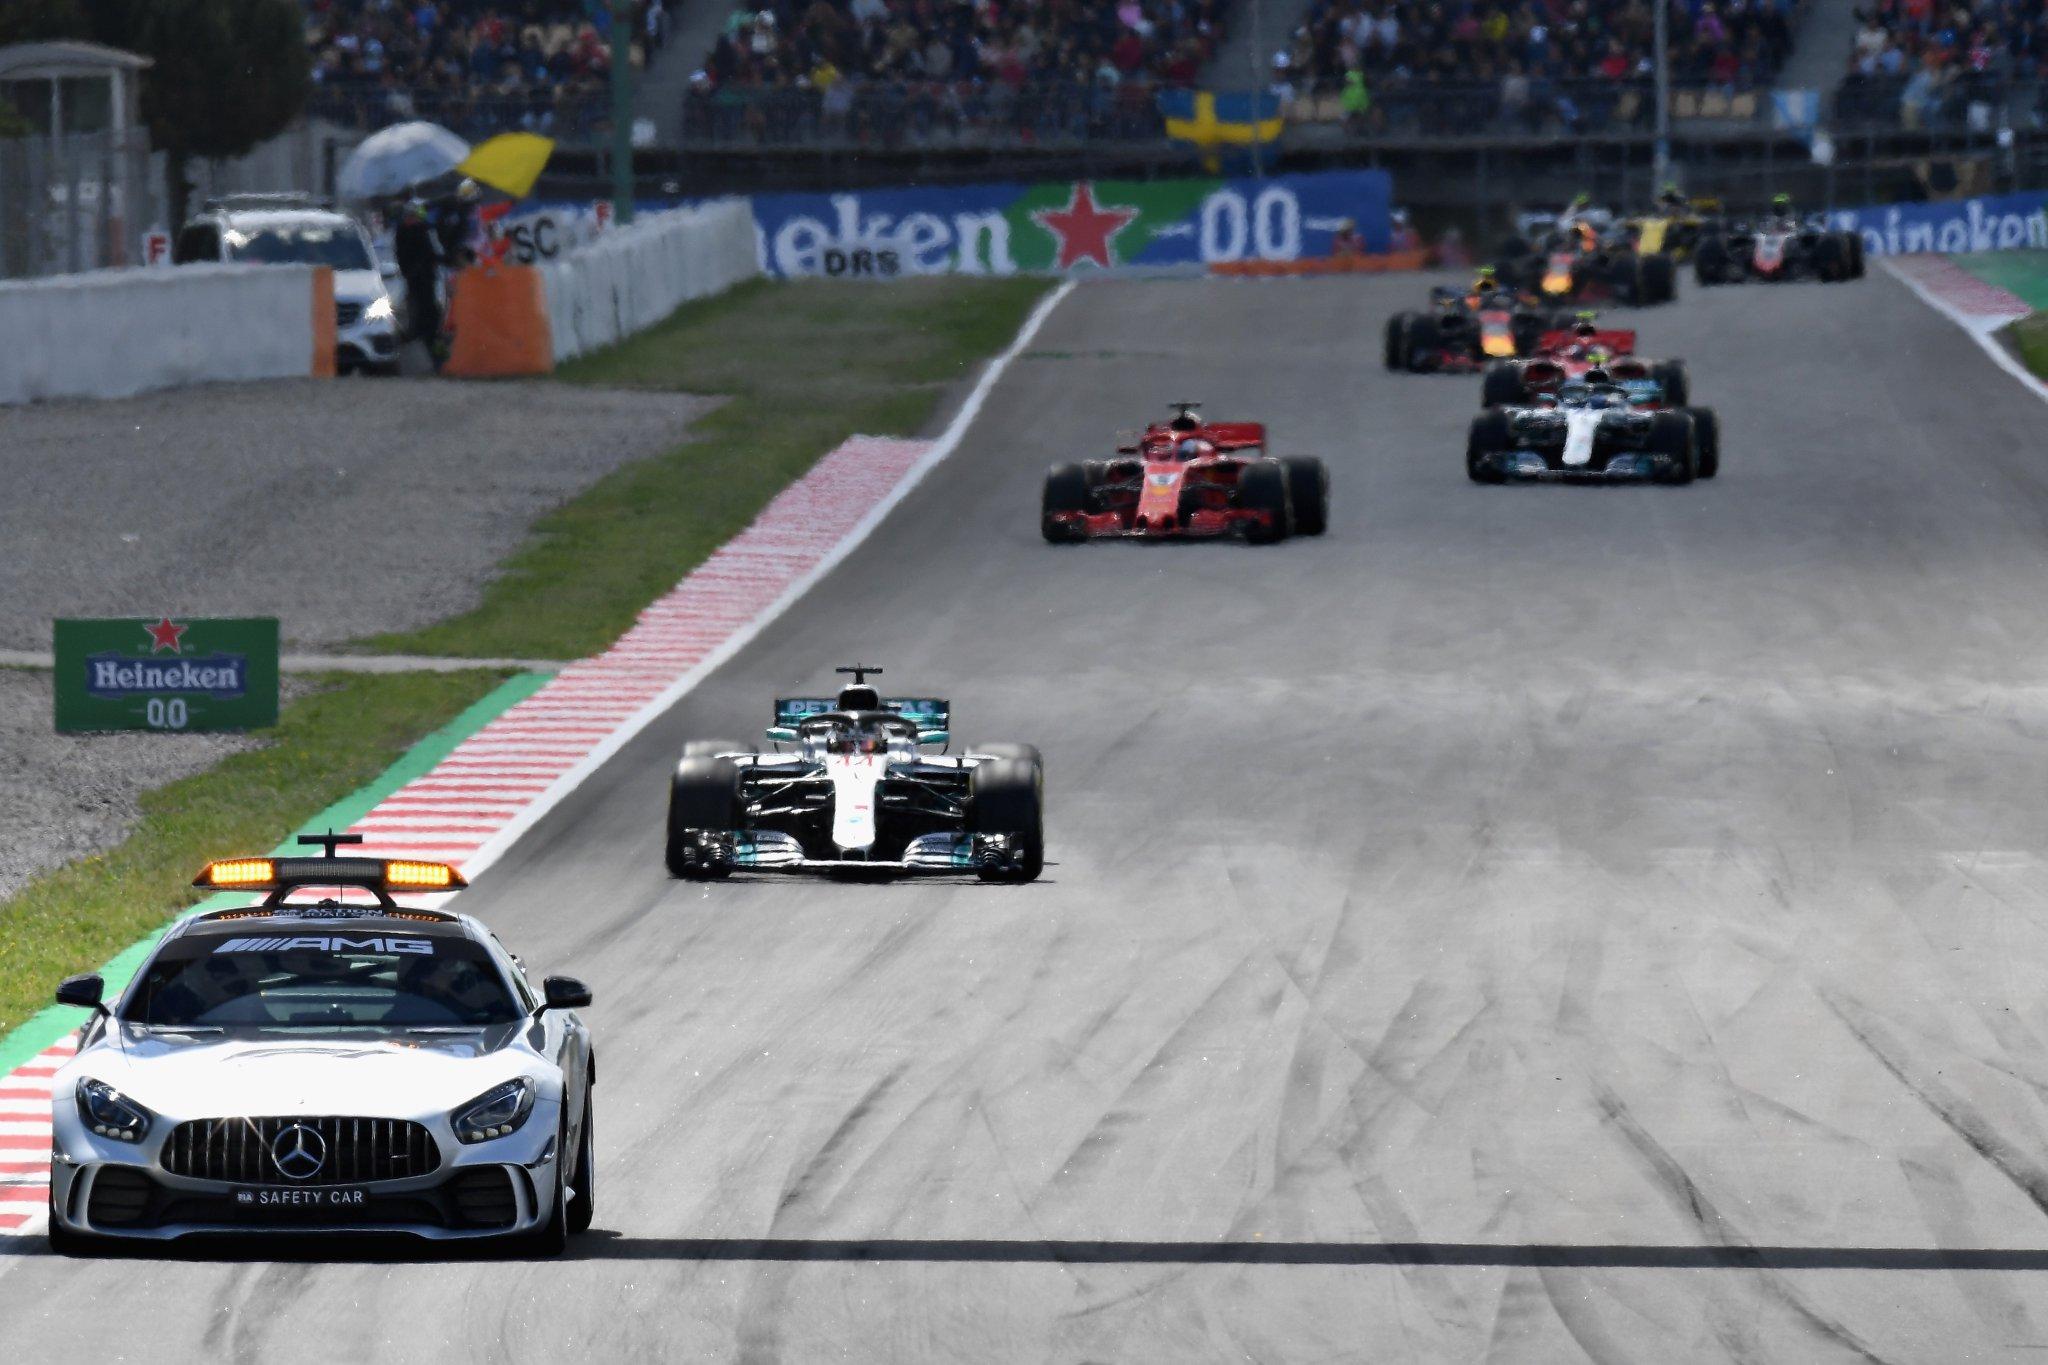 Машина безопасности во главе пелетона Ф1 на гран-при Испании 2018 года